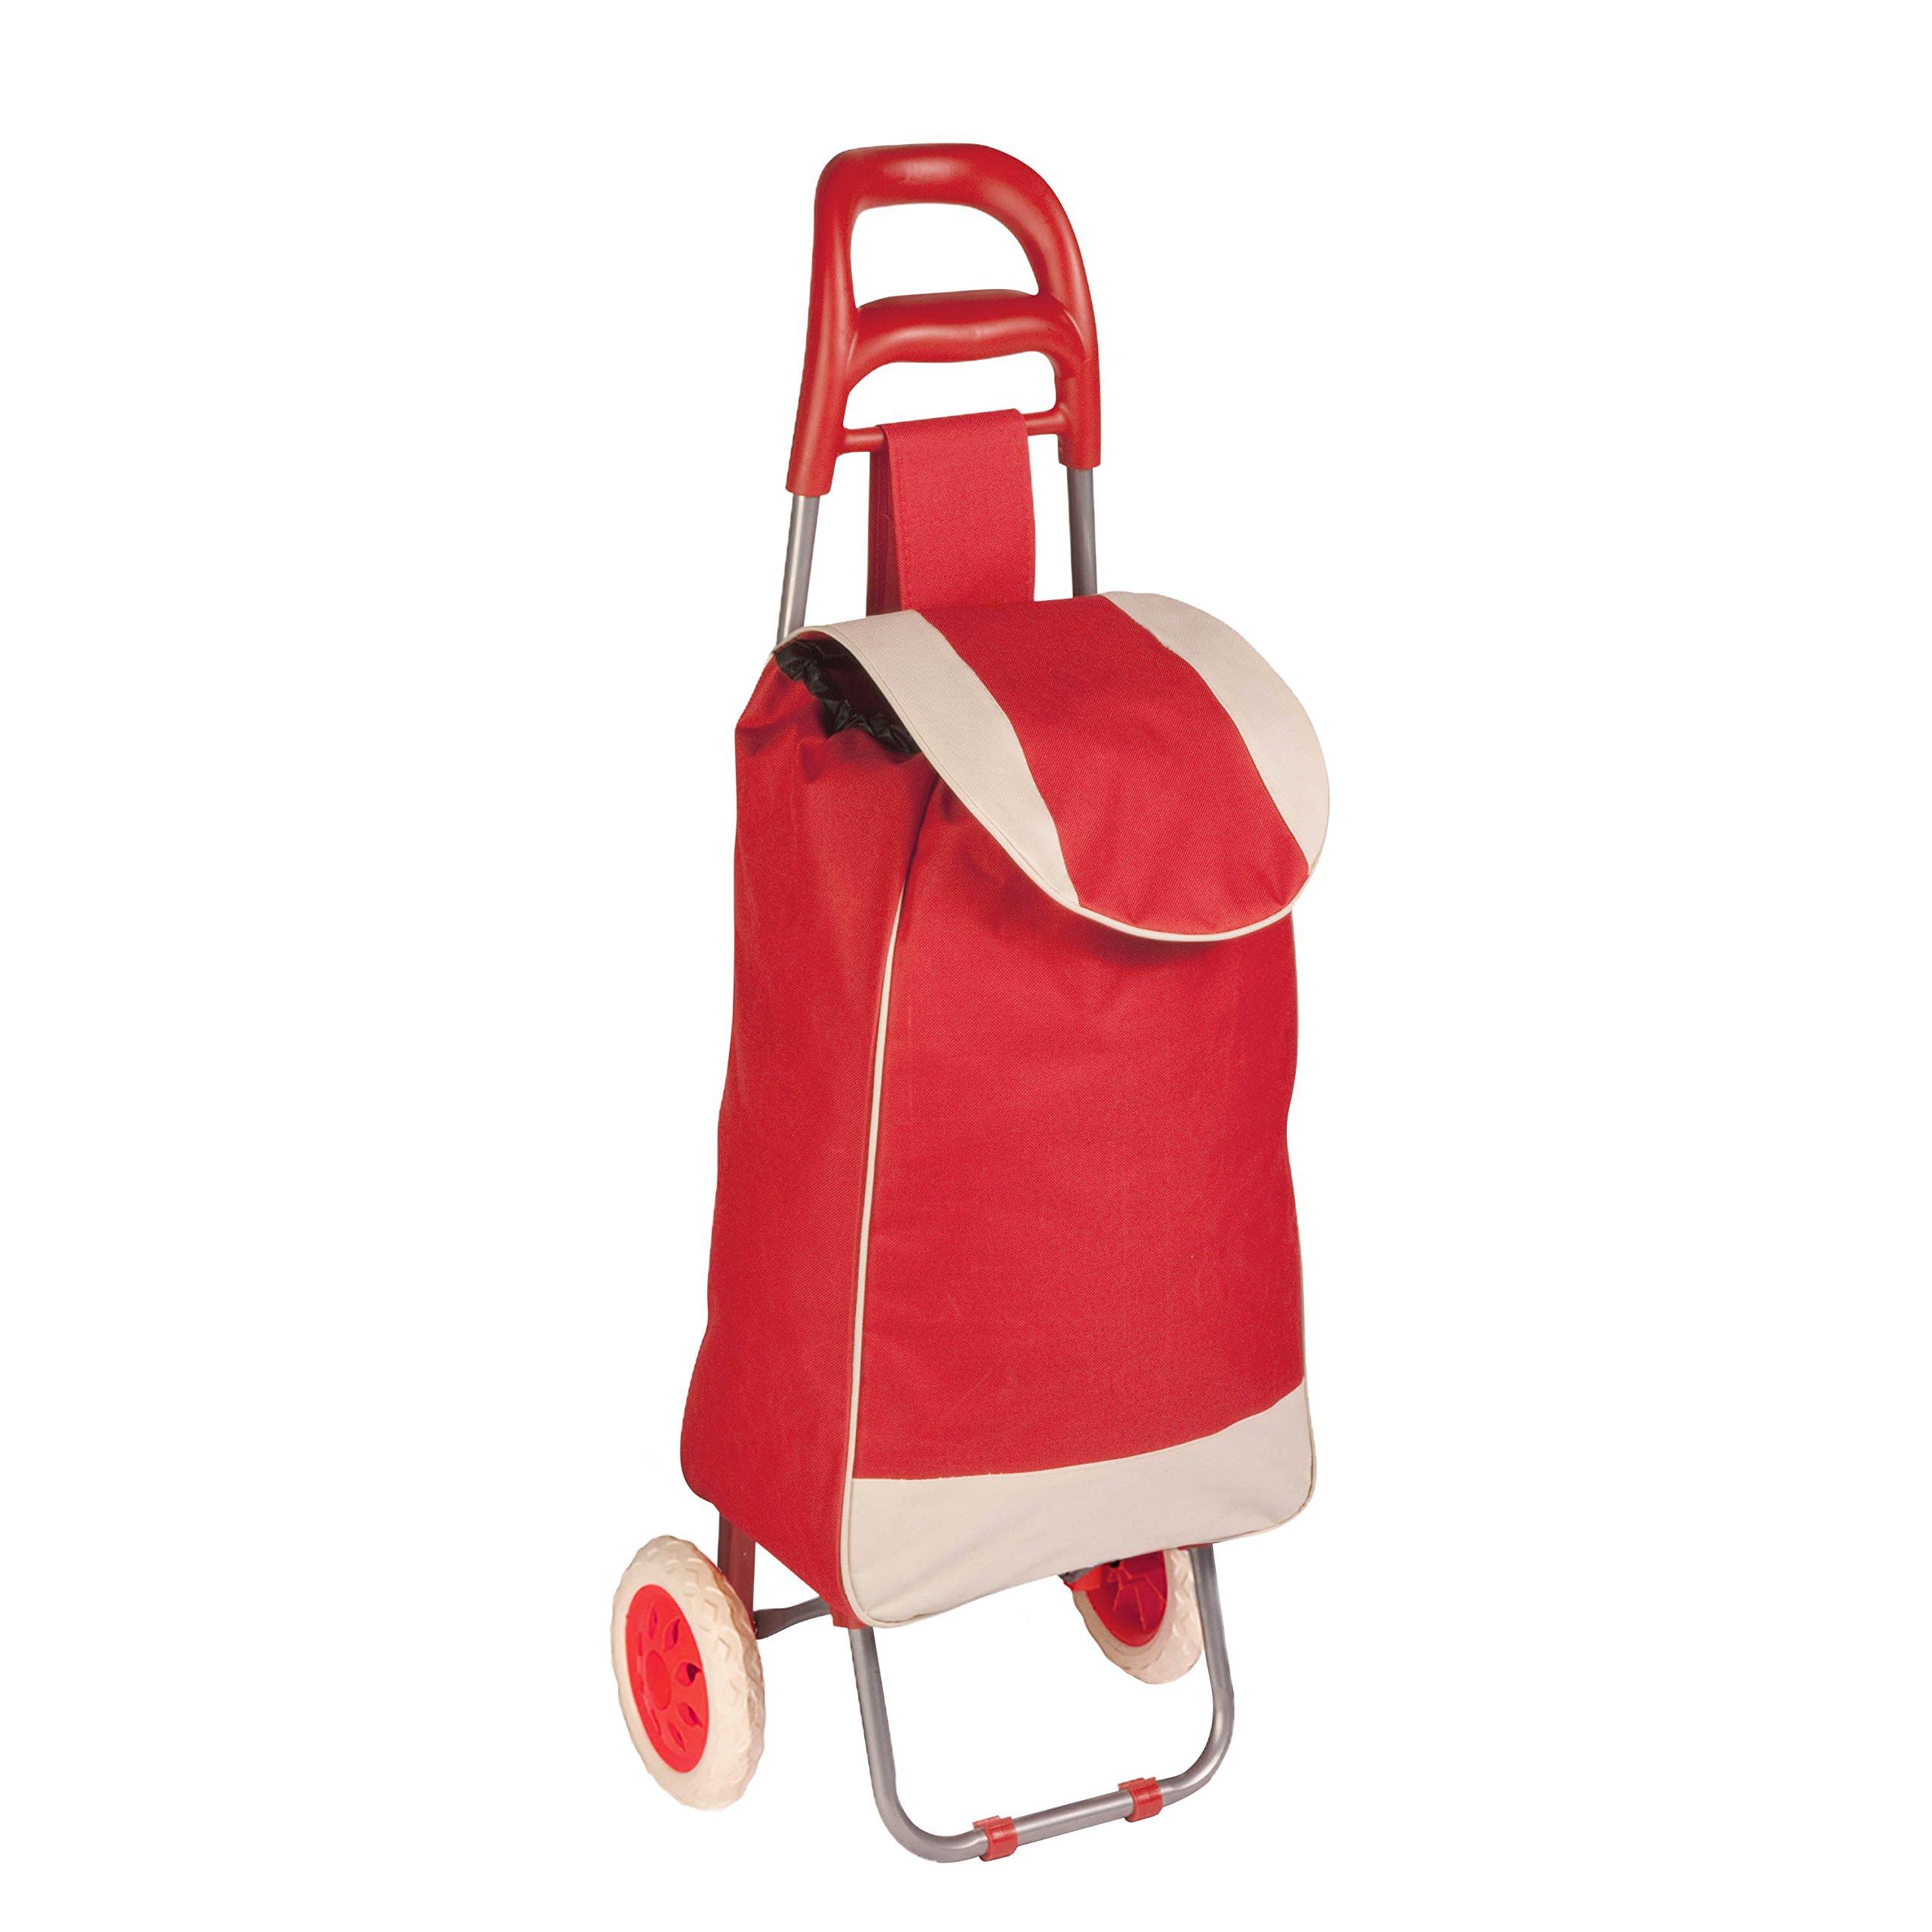 Honey-Can-Do CRT-04790 Large Rolling Knapsack Bag